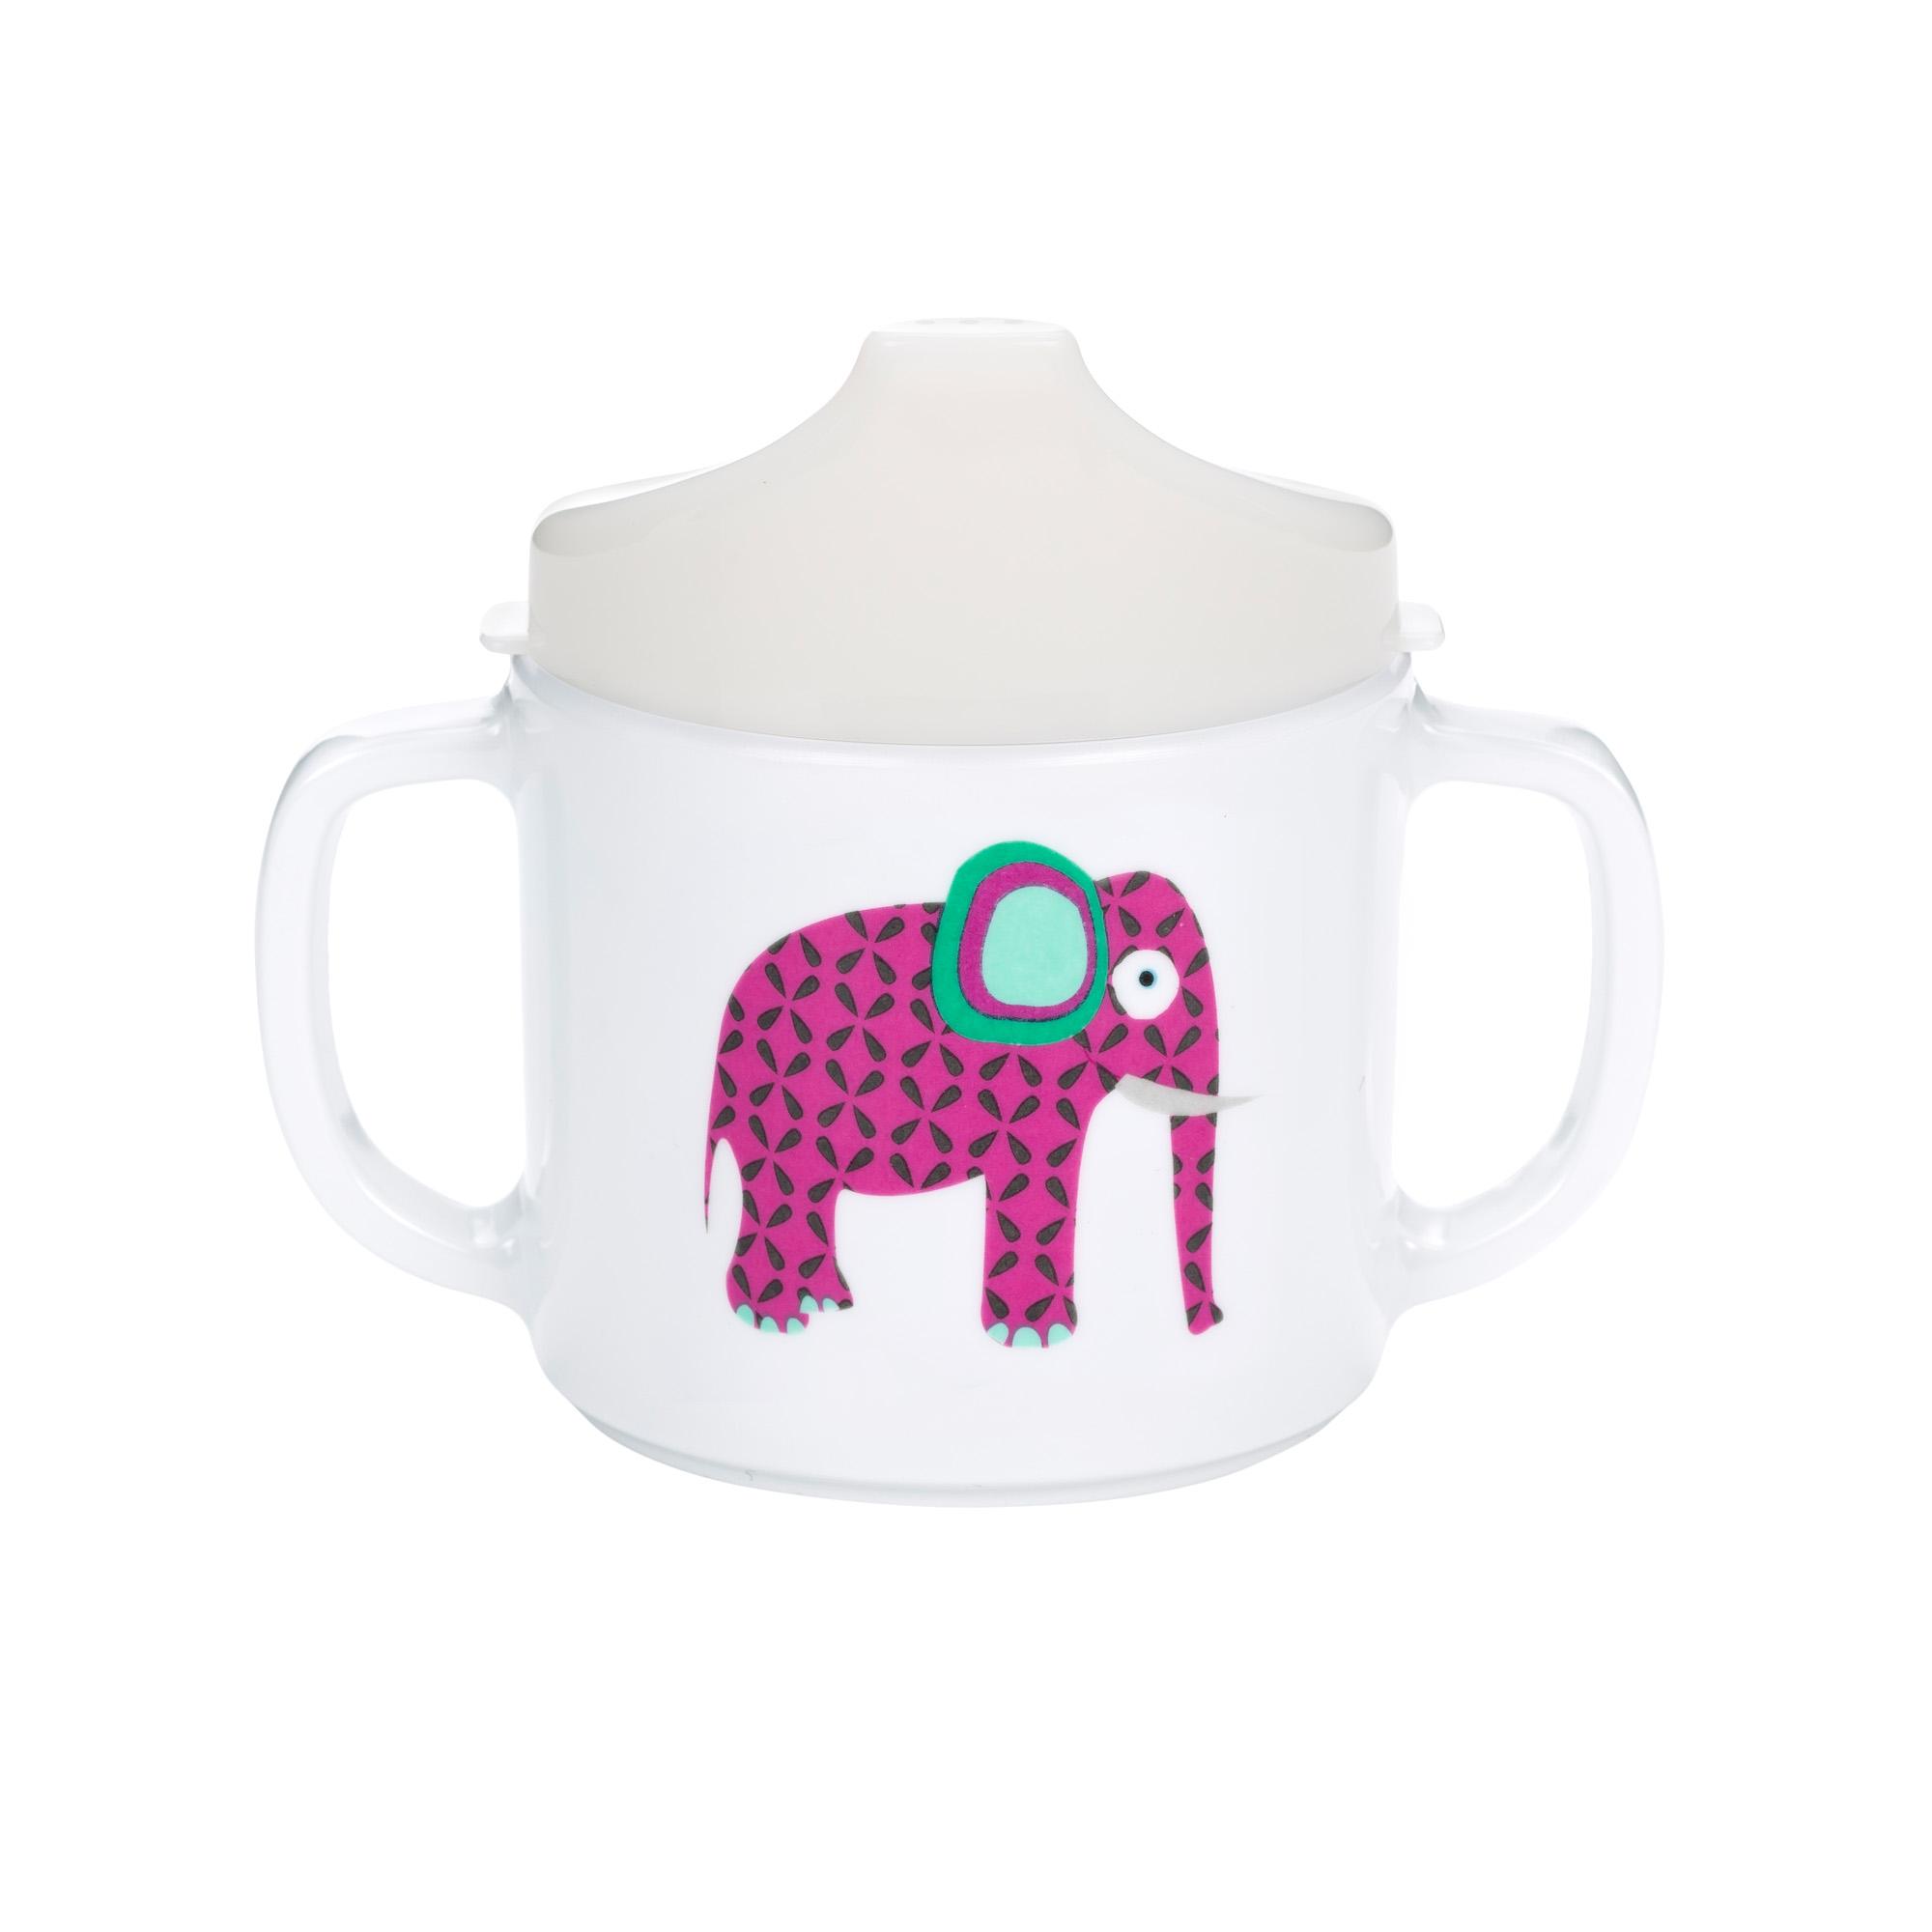 Lässig trinklernbecher handle cup with lid wildlife